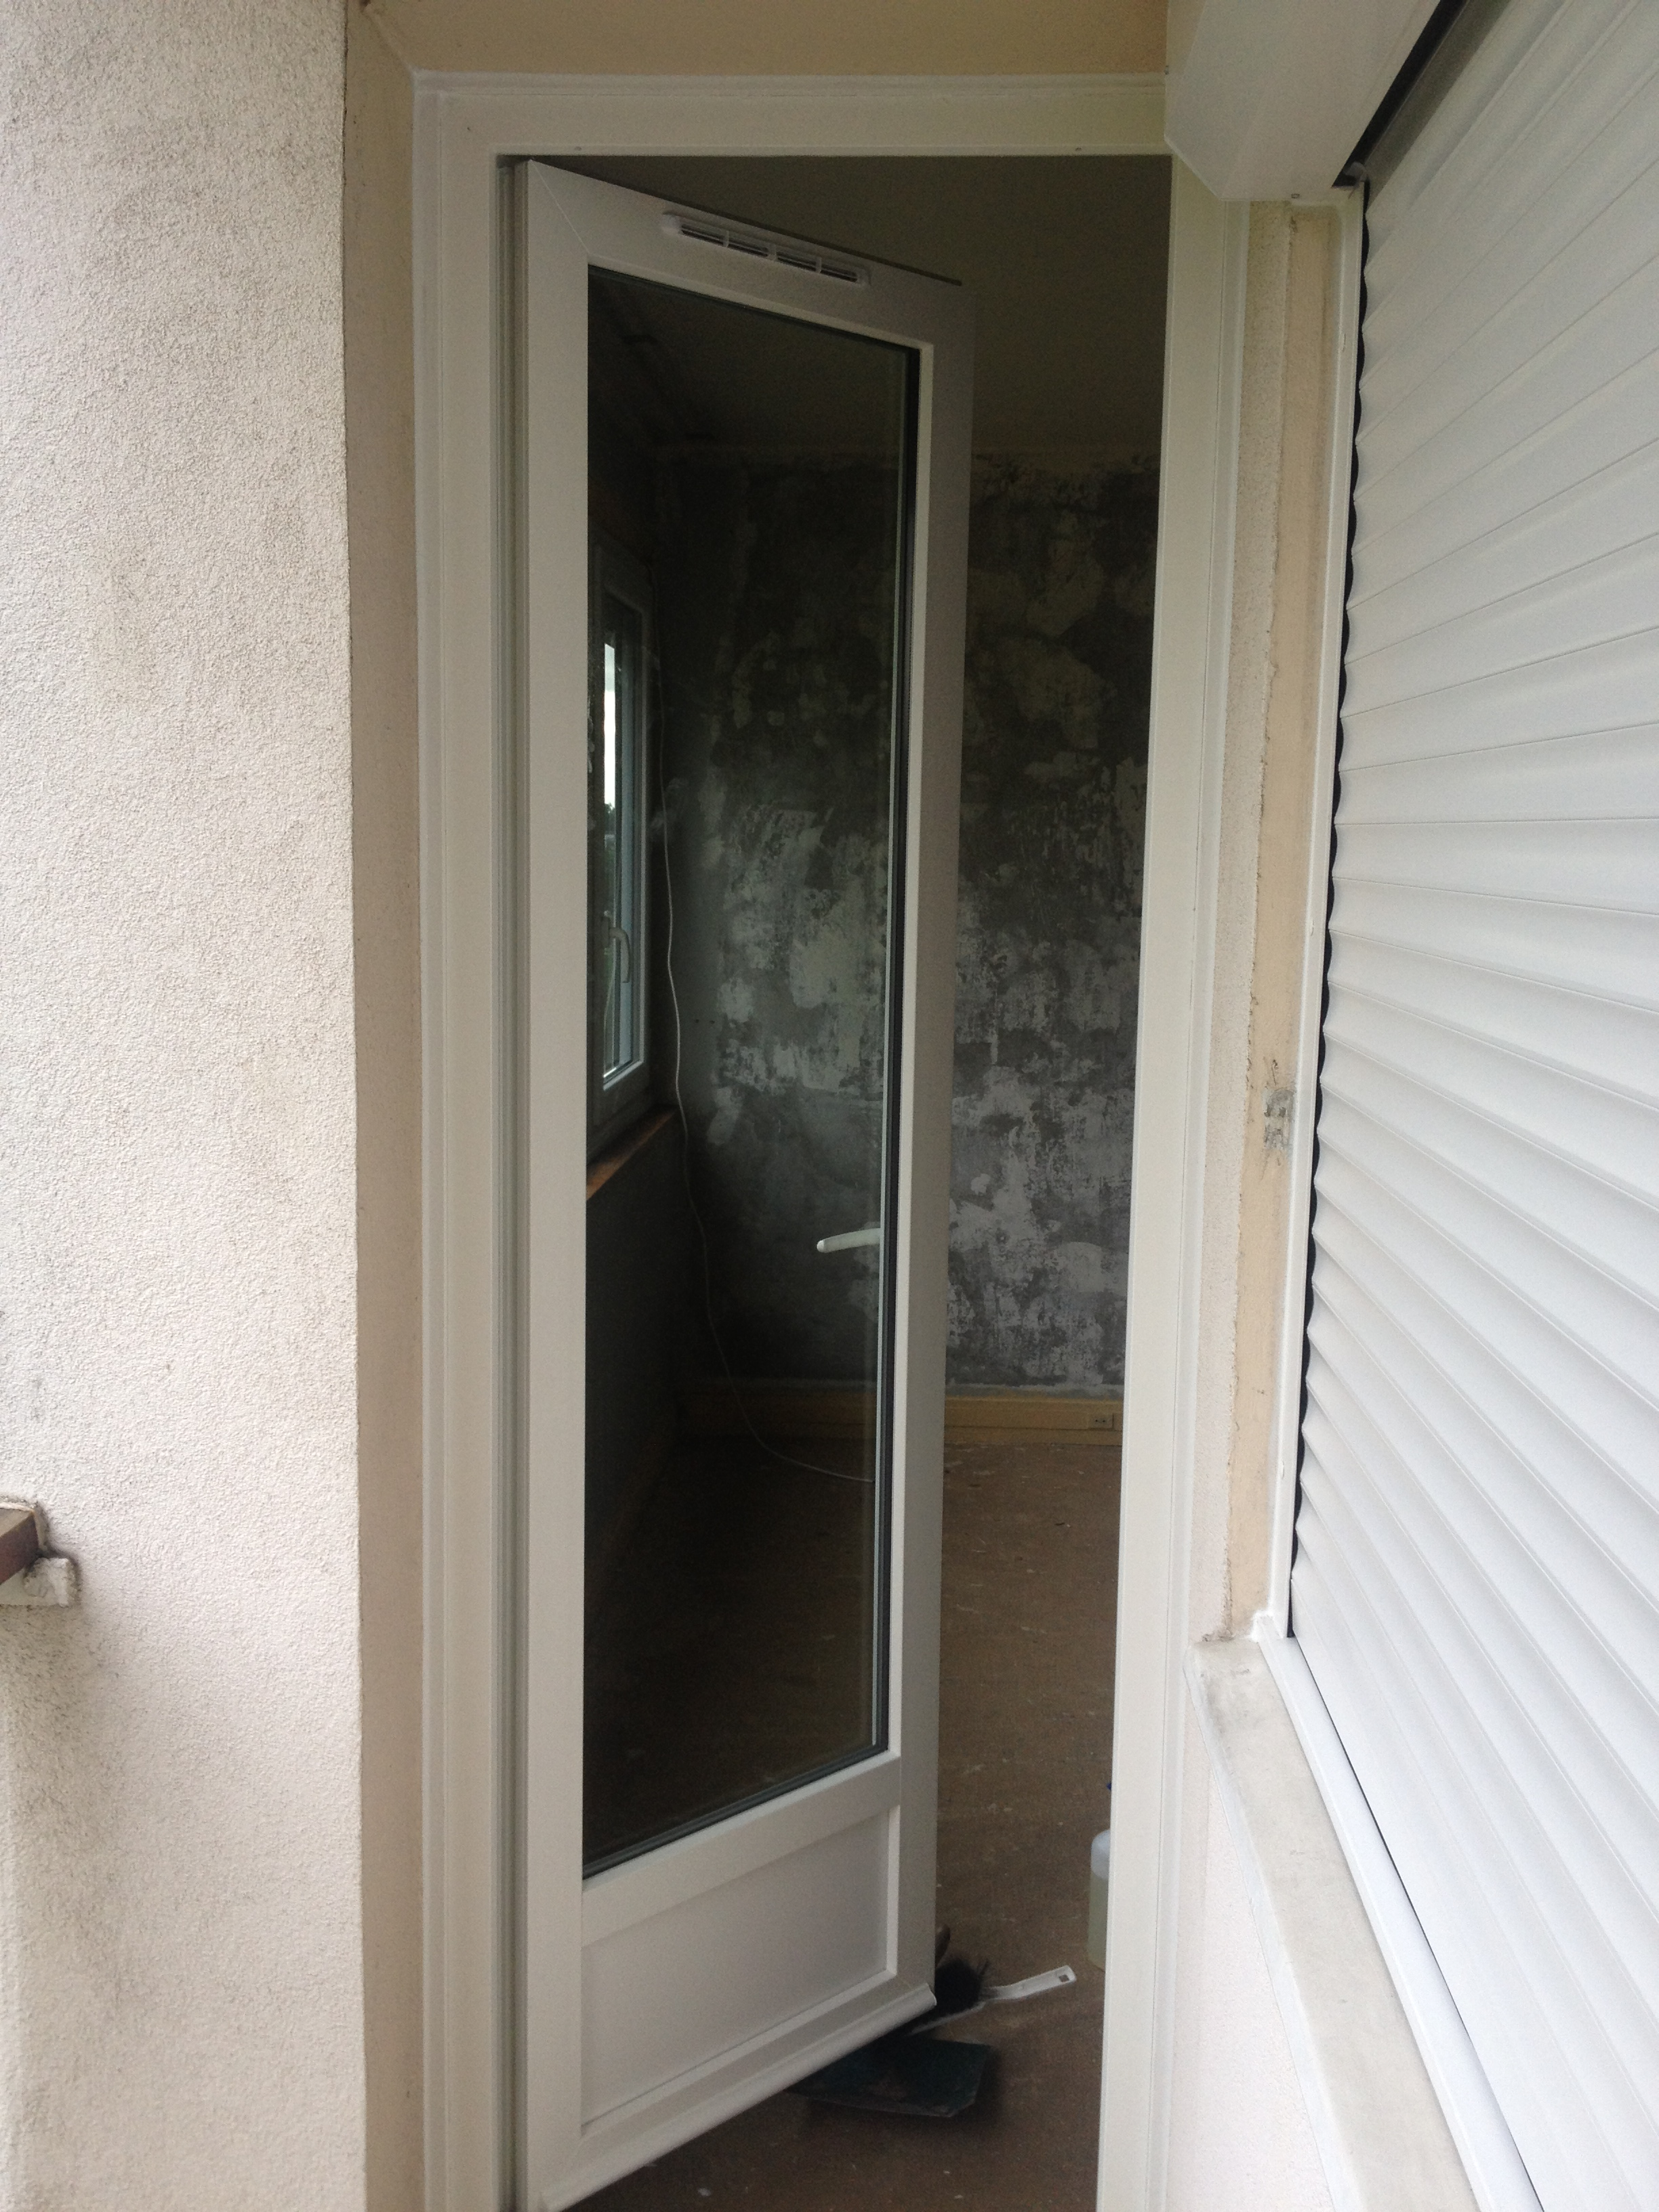 Porte fenêtre Ris Orangis 91130